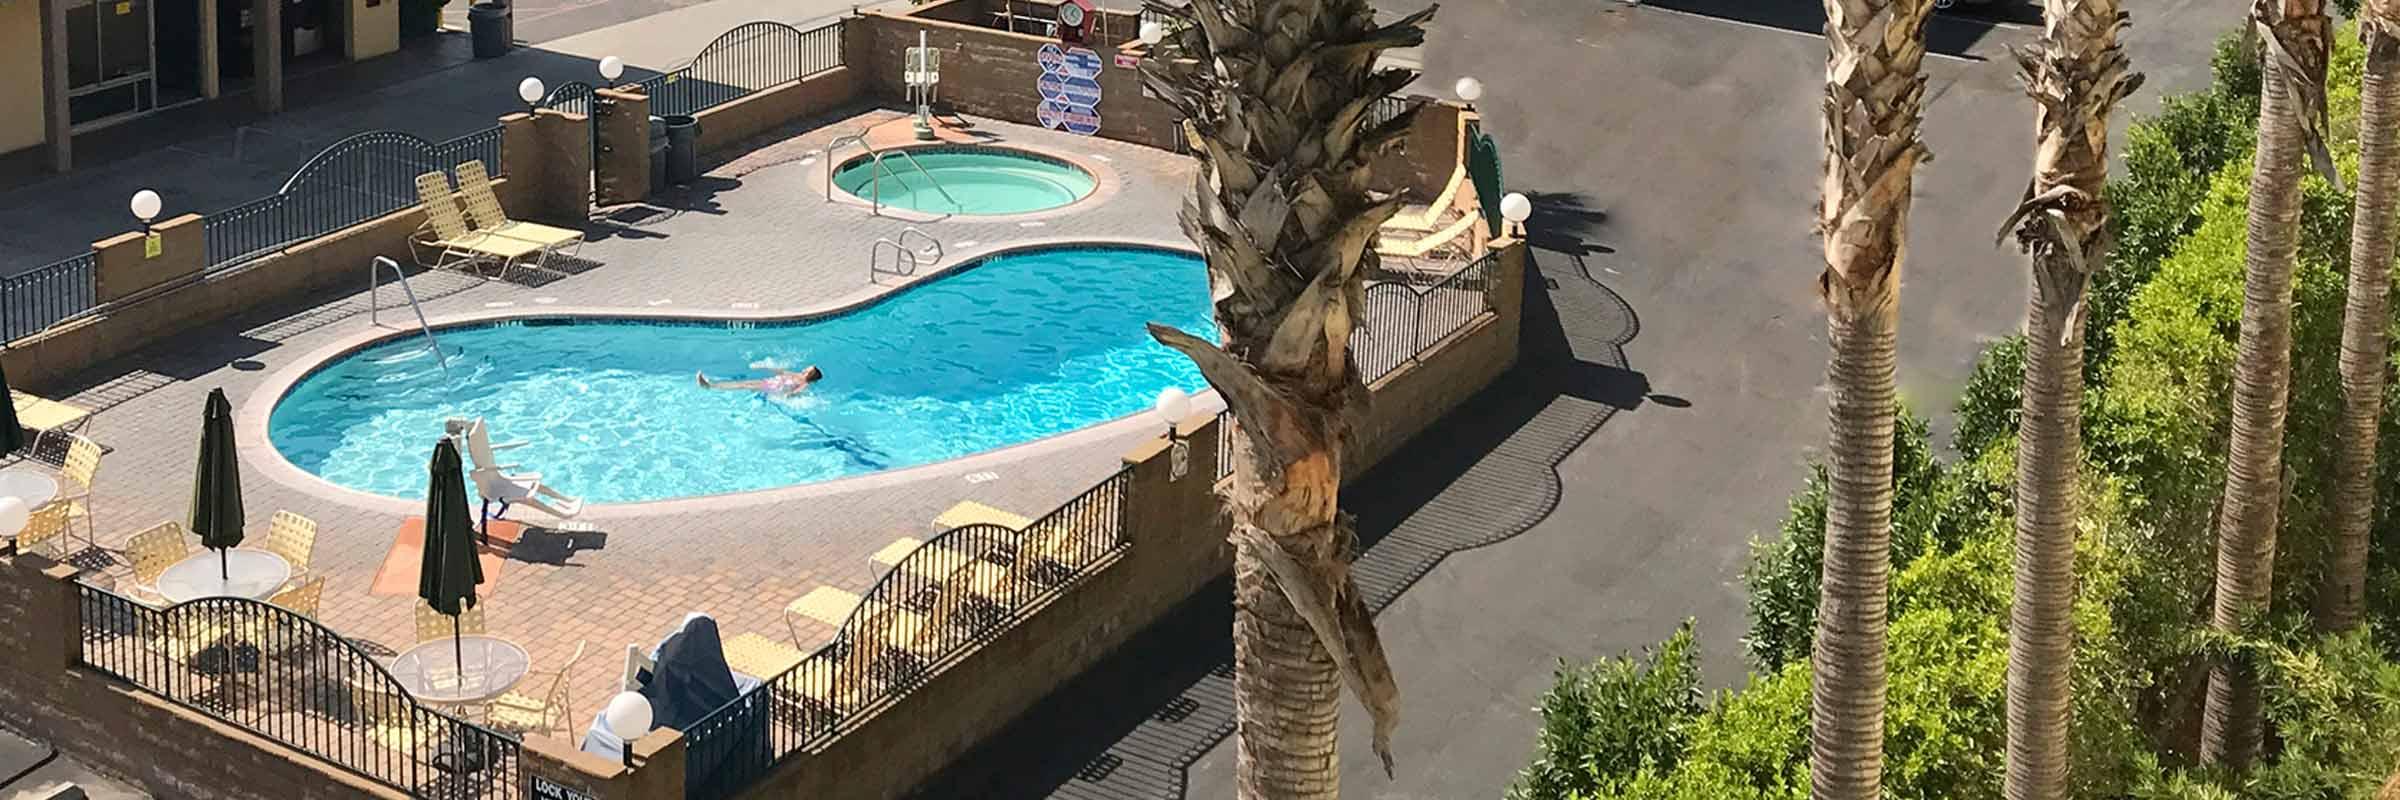 Kings Inn Anaheim - formerly Super Eight Anaheim - pool